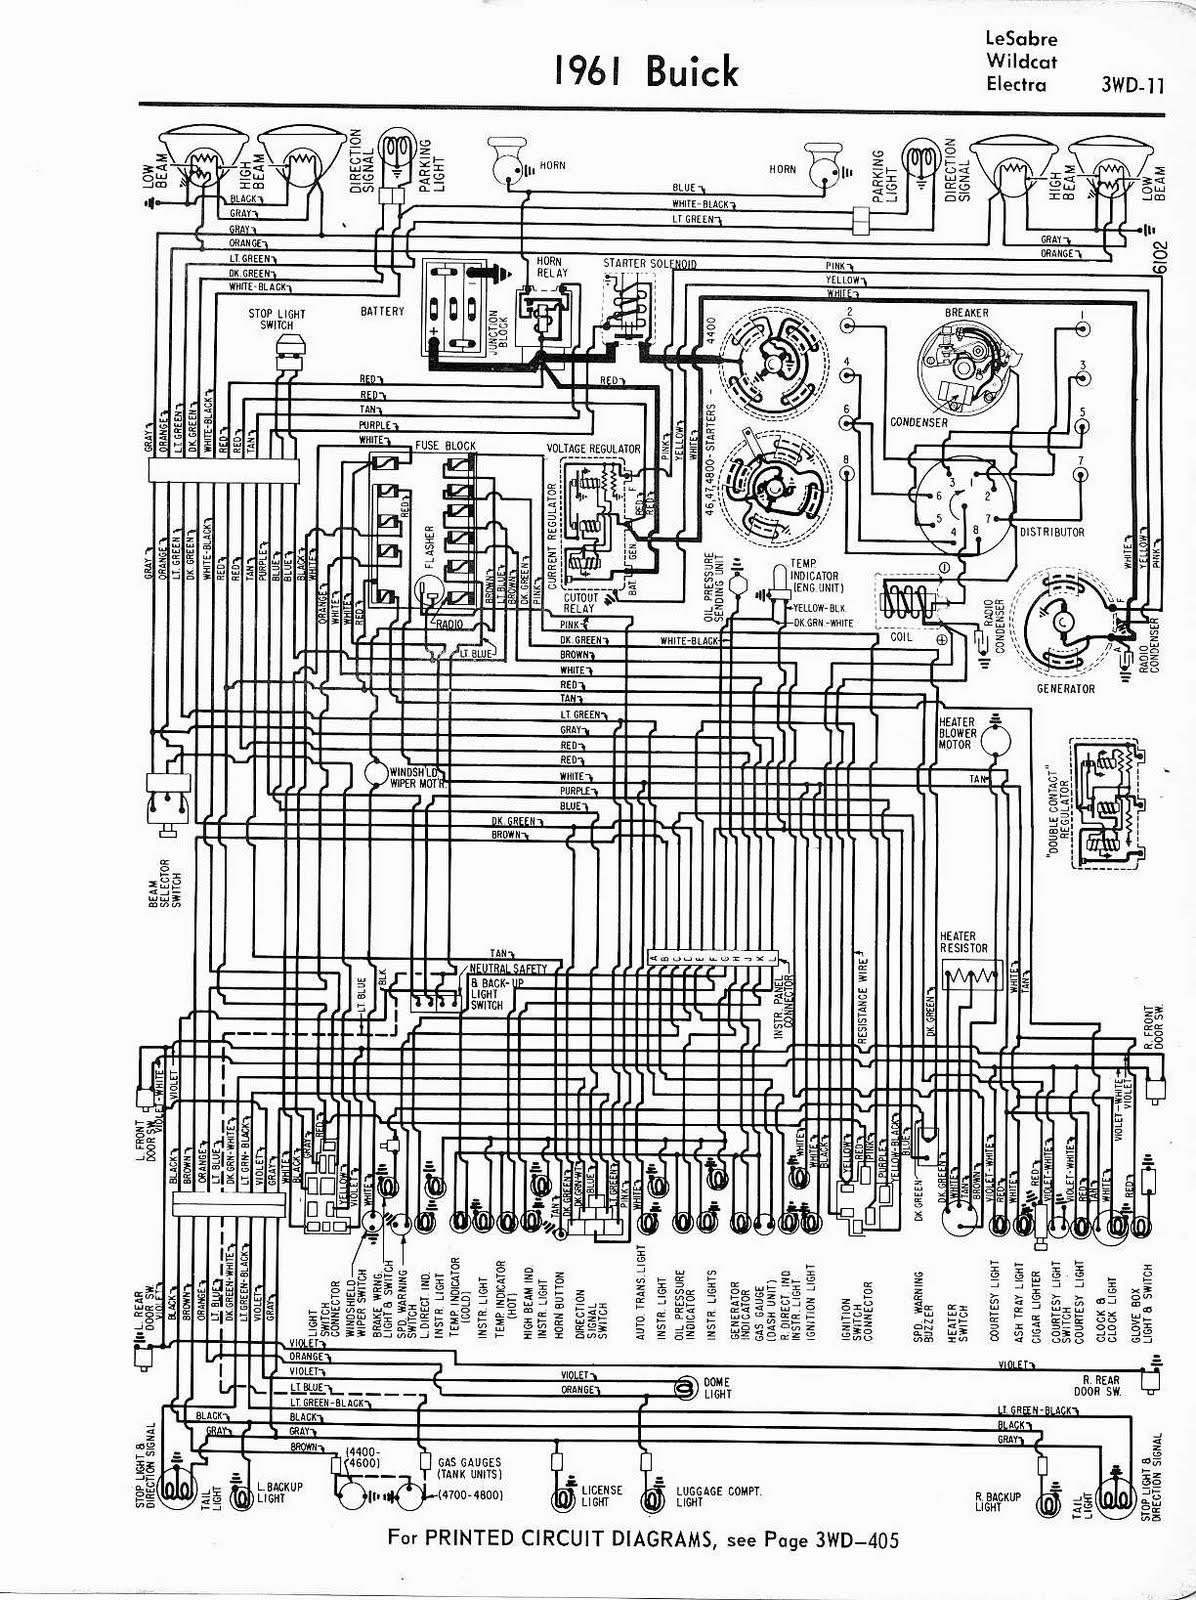 1991 buick lesabre fuse box diagram [ 1196 x 1600 Pixel ]